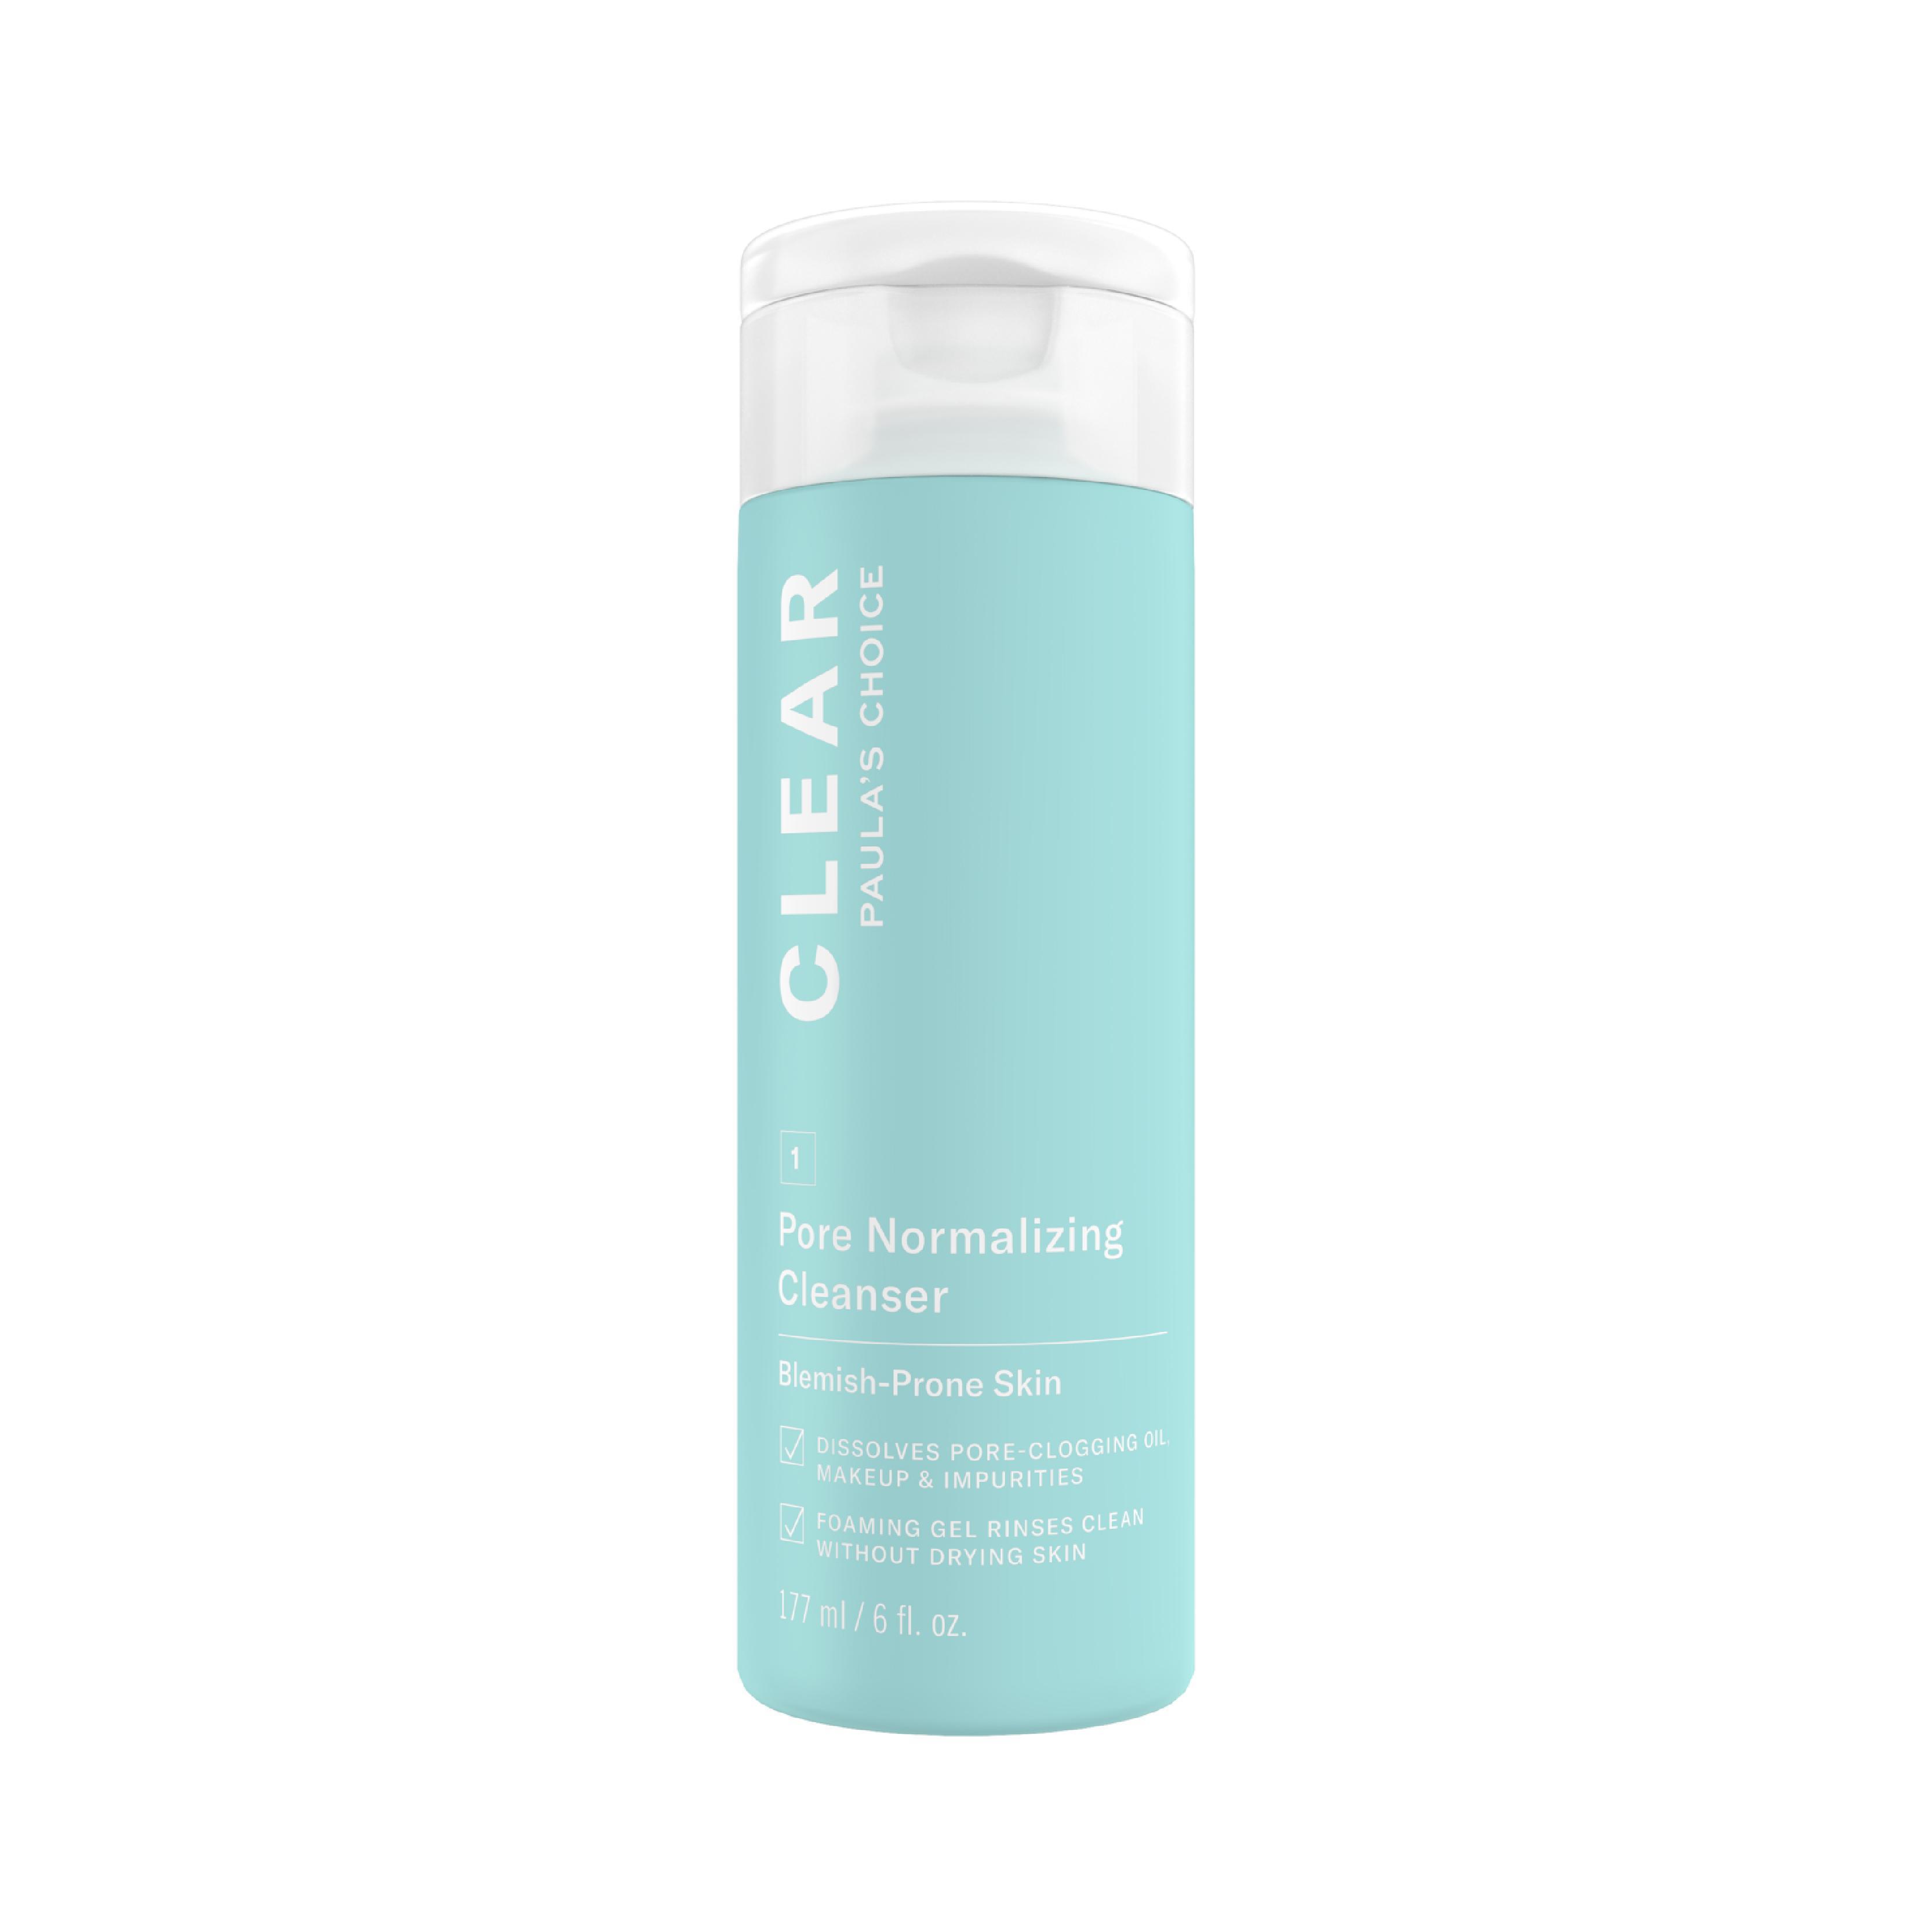 Sữa rửa mặt trị mụn và se khít lỗ chân lông Paula's Choice Clear Pore Normalizing Cleanser 177 ml chính hãng